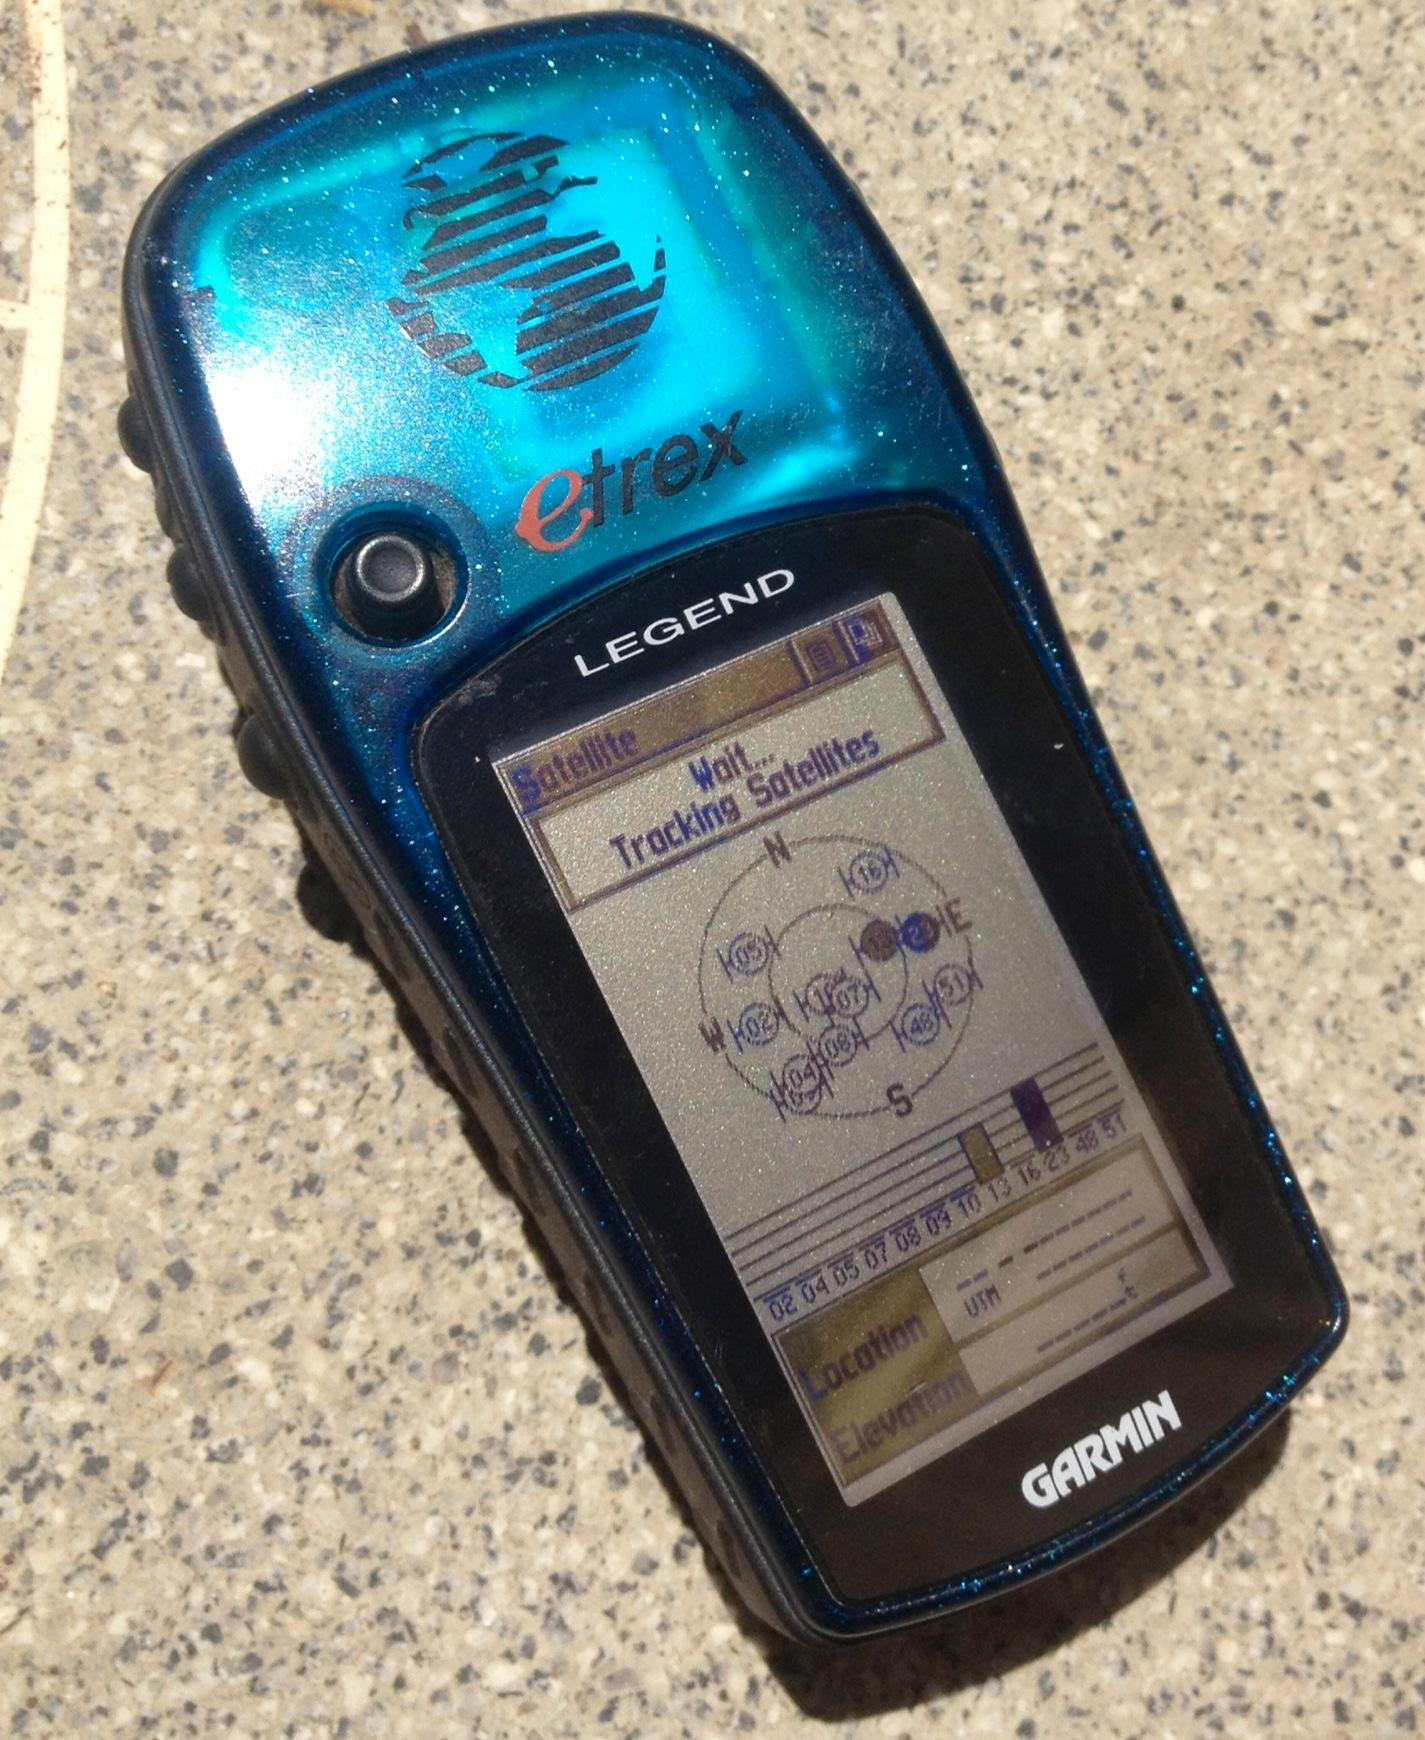 review of garmin etrex legend kansas trail guide rh kansastrailguide com garmin etrex vista hcx user manual download garmin etrex vista user manual